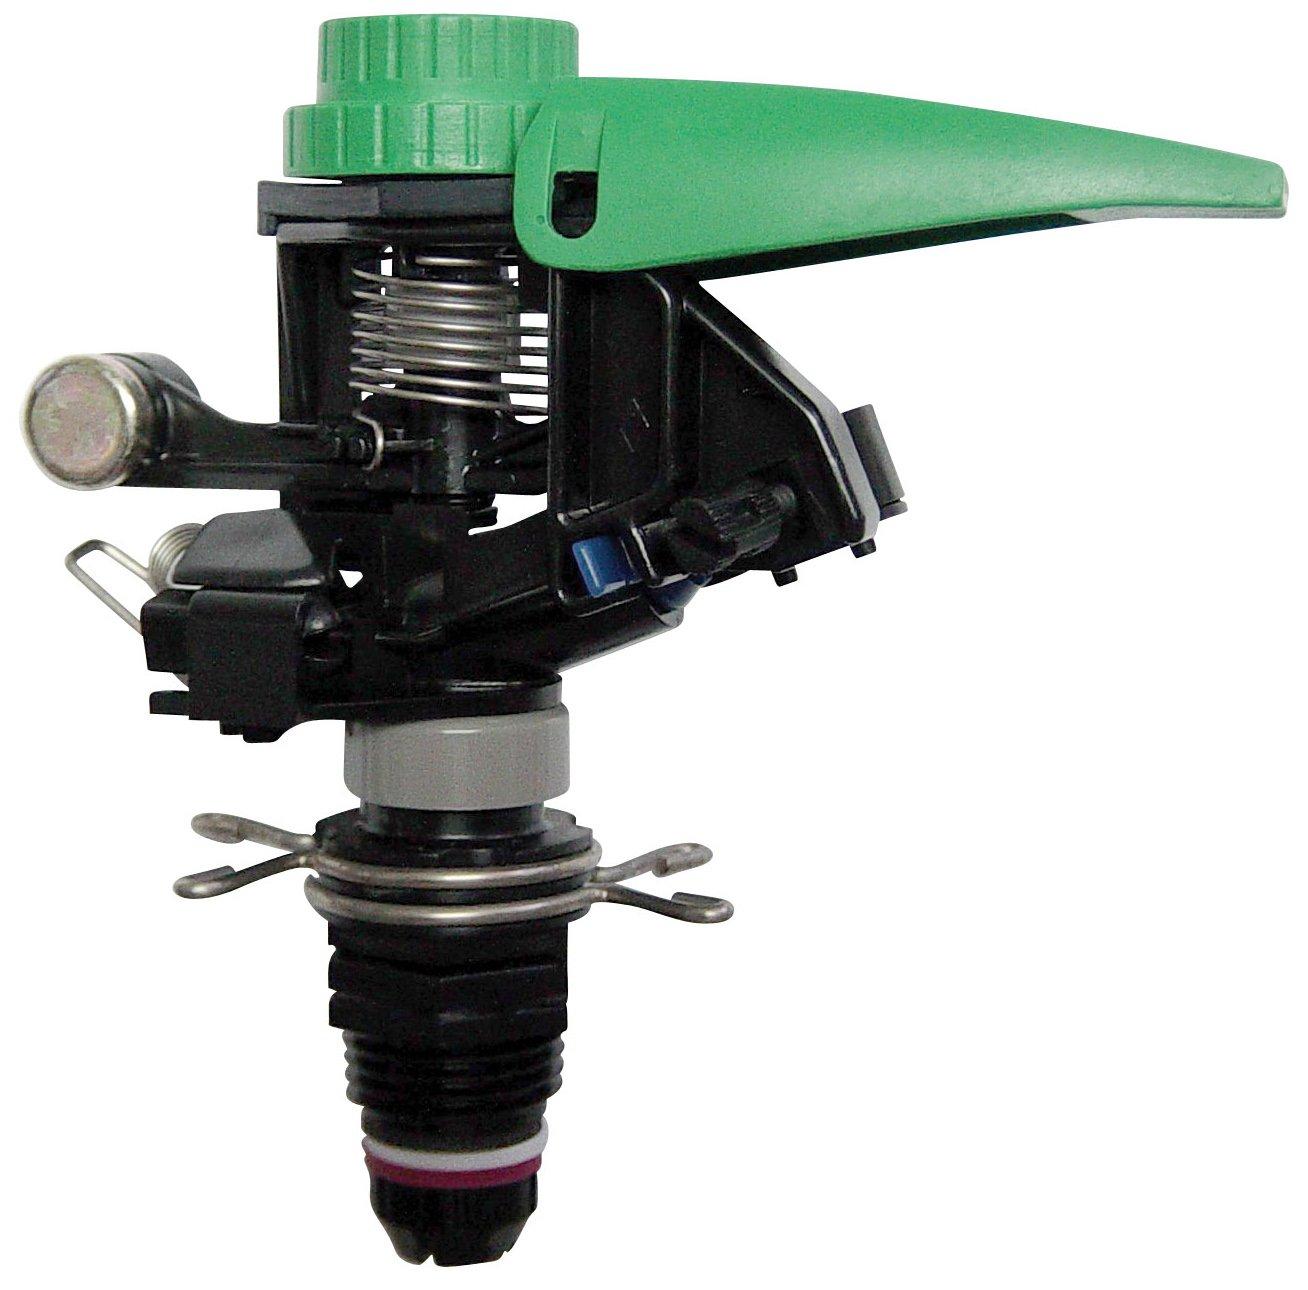 Rain Bird Plastic Impact Sprinkler